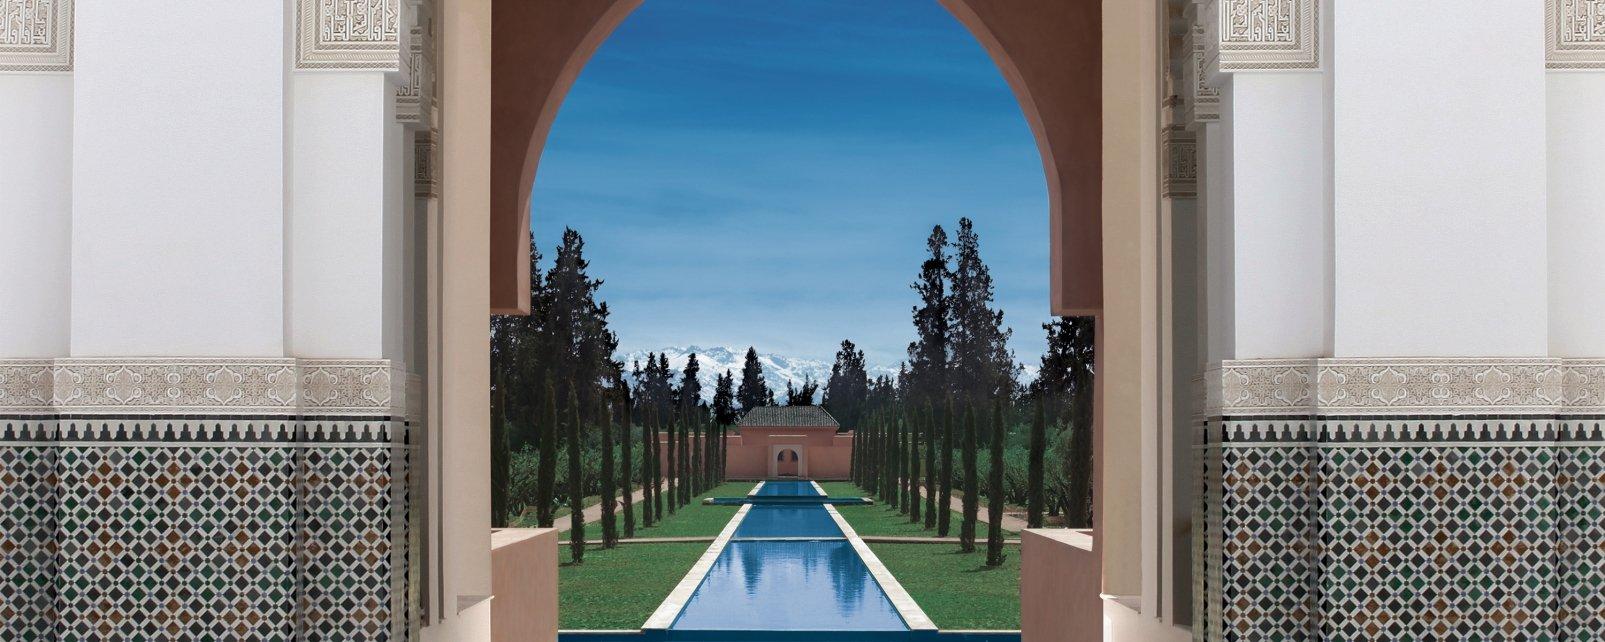 Hôtel Oberoi Marrakech